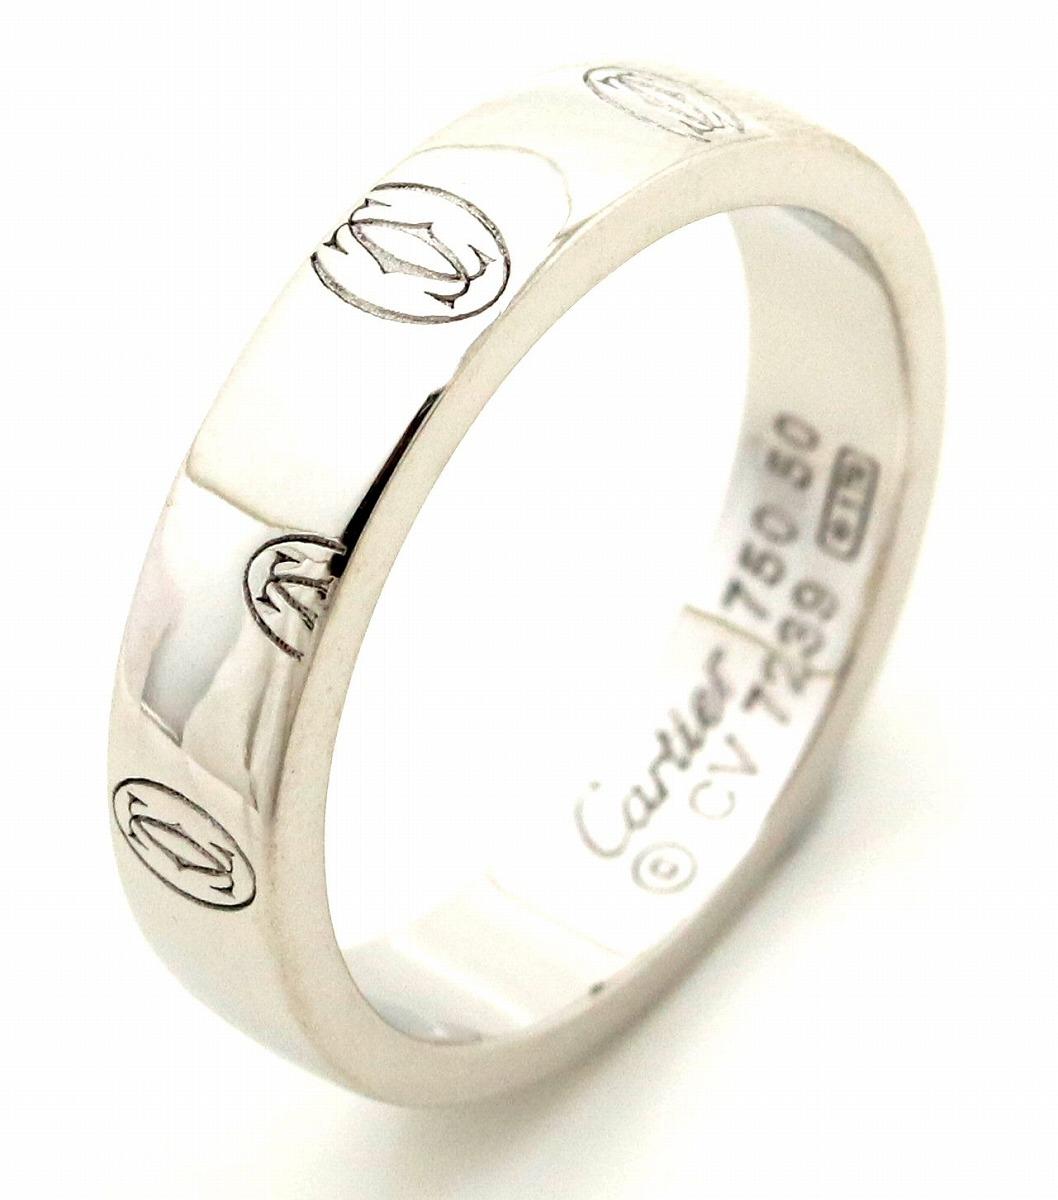 【ジュエリー】【新品仕上げ済み】Cartier カルティエ ハッピーバースデー ハッピーバースデイ ウェディング リング 指輪 10号 #50 K18WG ホワイトゴールド B4050952 【中古】